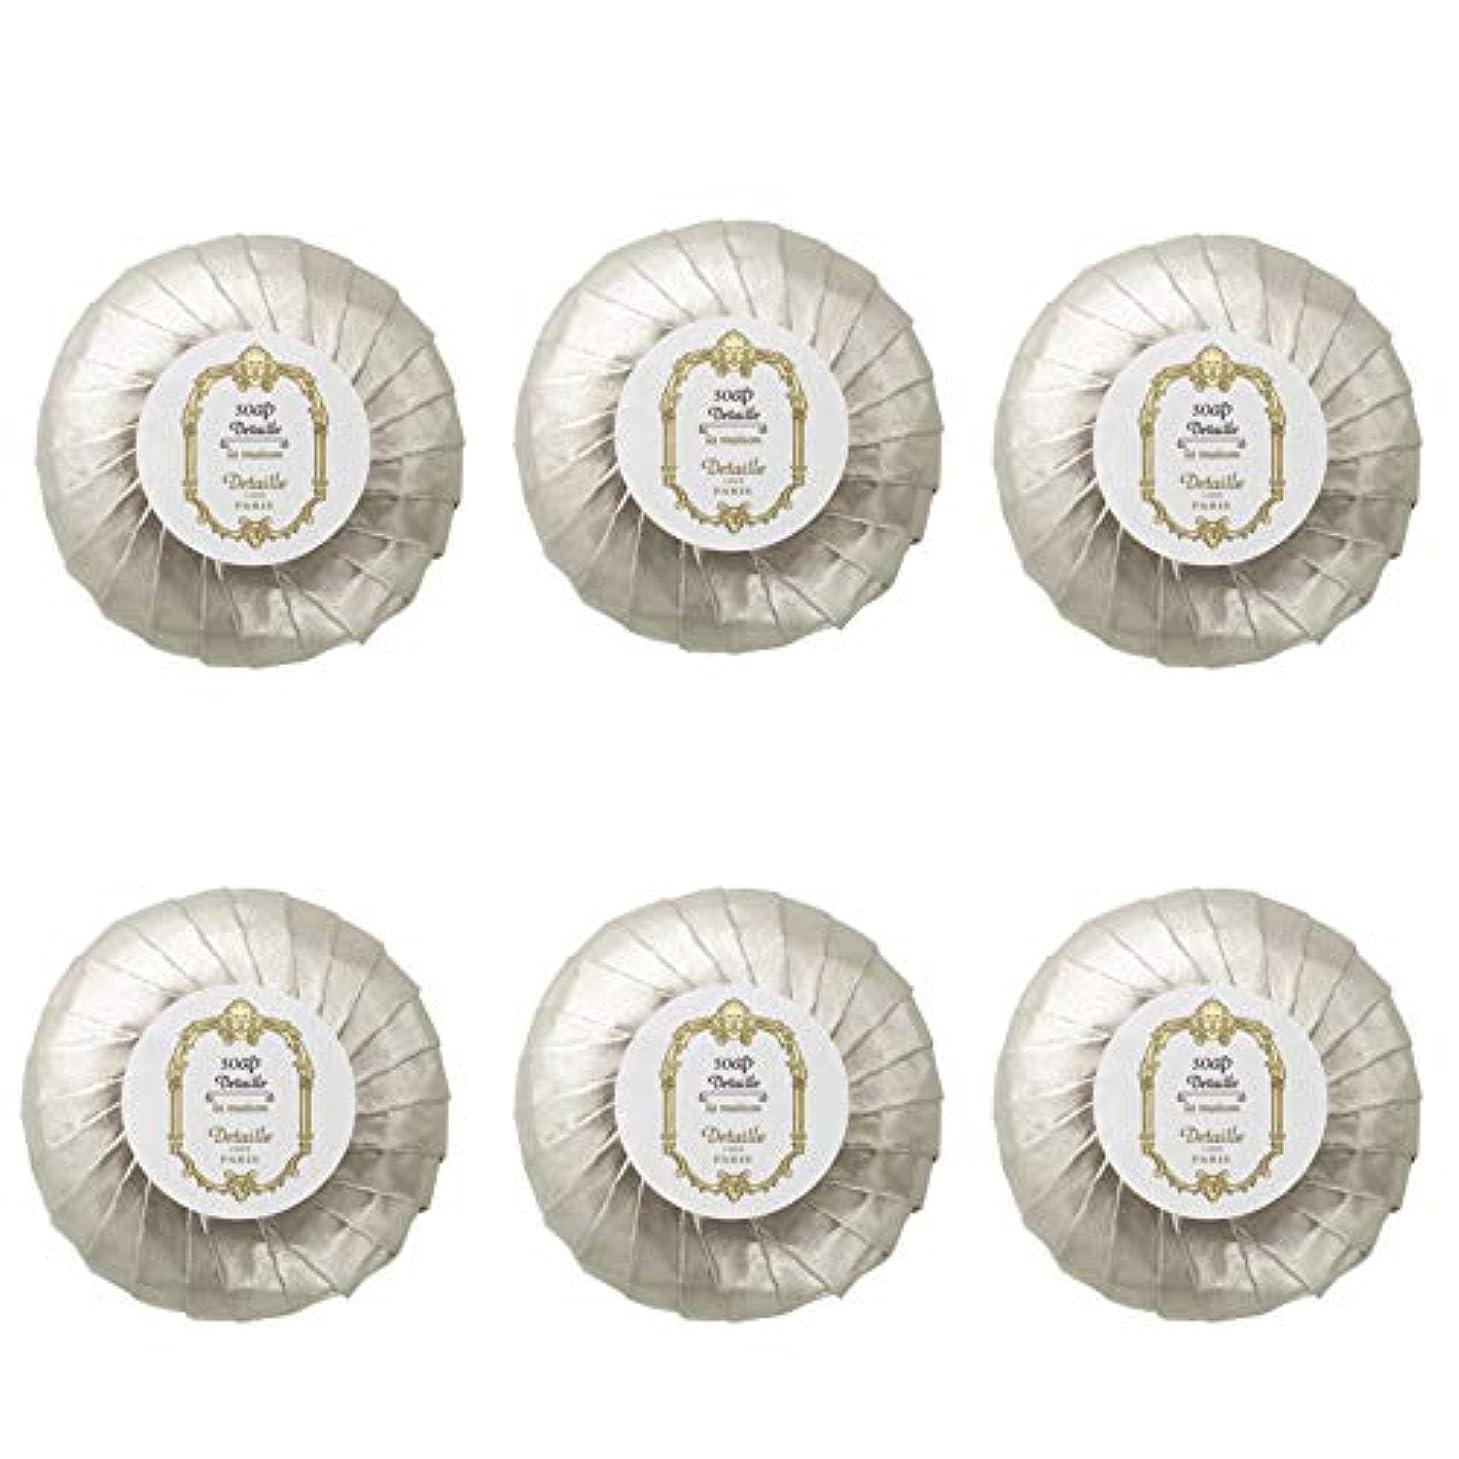 実用的終わった暗唱するPOLA デタイユ ラ メゾン スキンソープ 固形石鹸 (プリーツ包装) 50g×6個